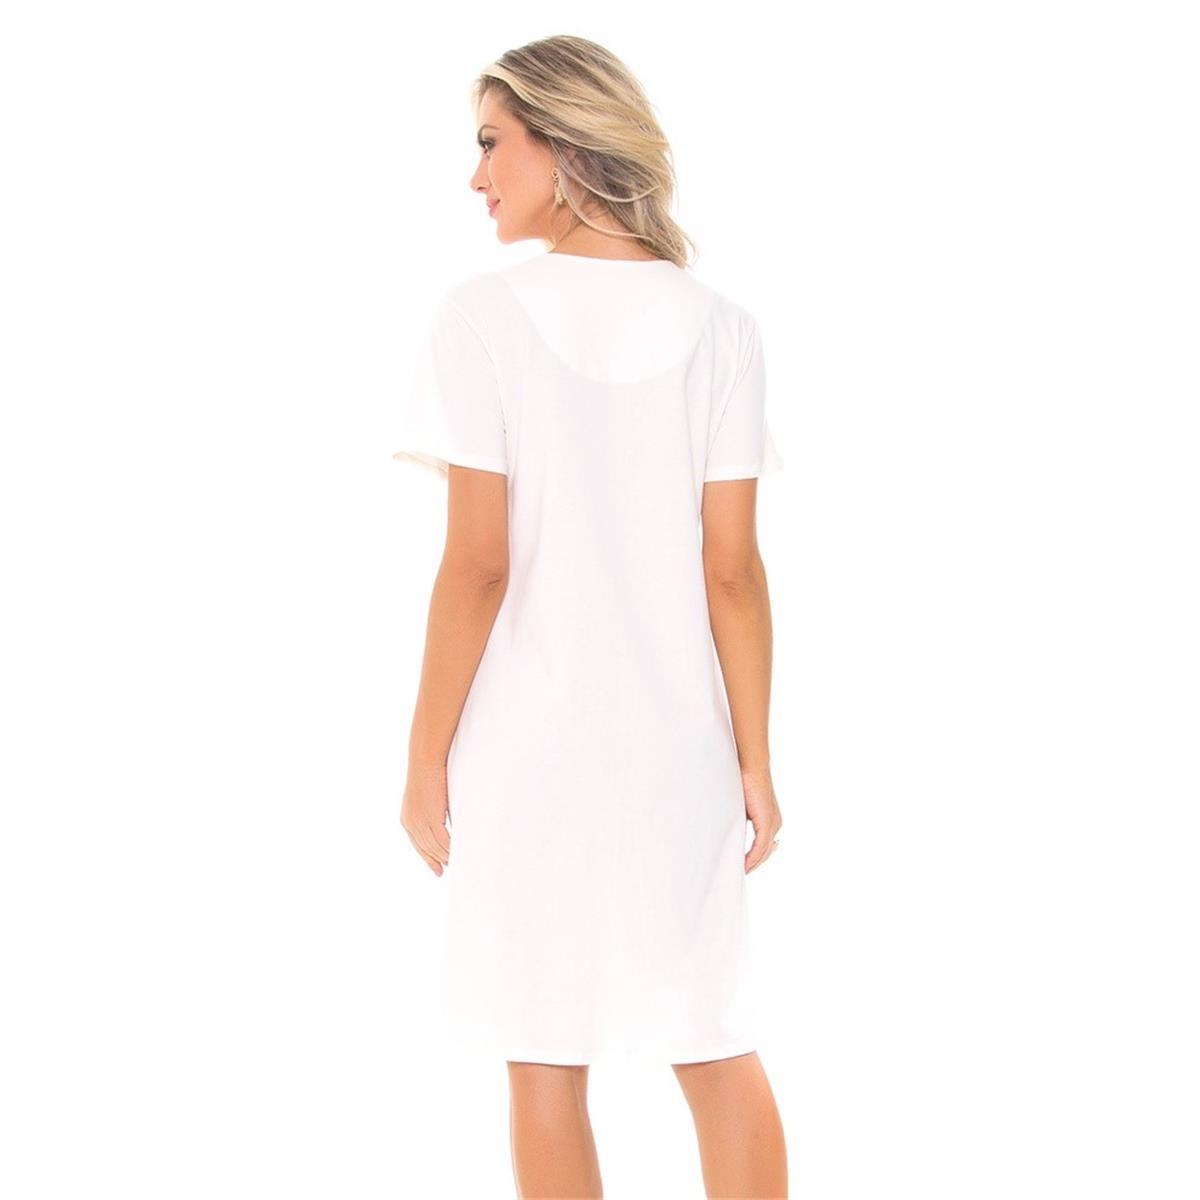 afa1c5790e7d26 Camisola aberta de malha 100% algodão - Recco Lingerie